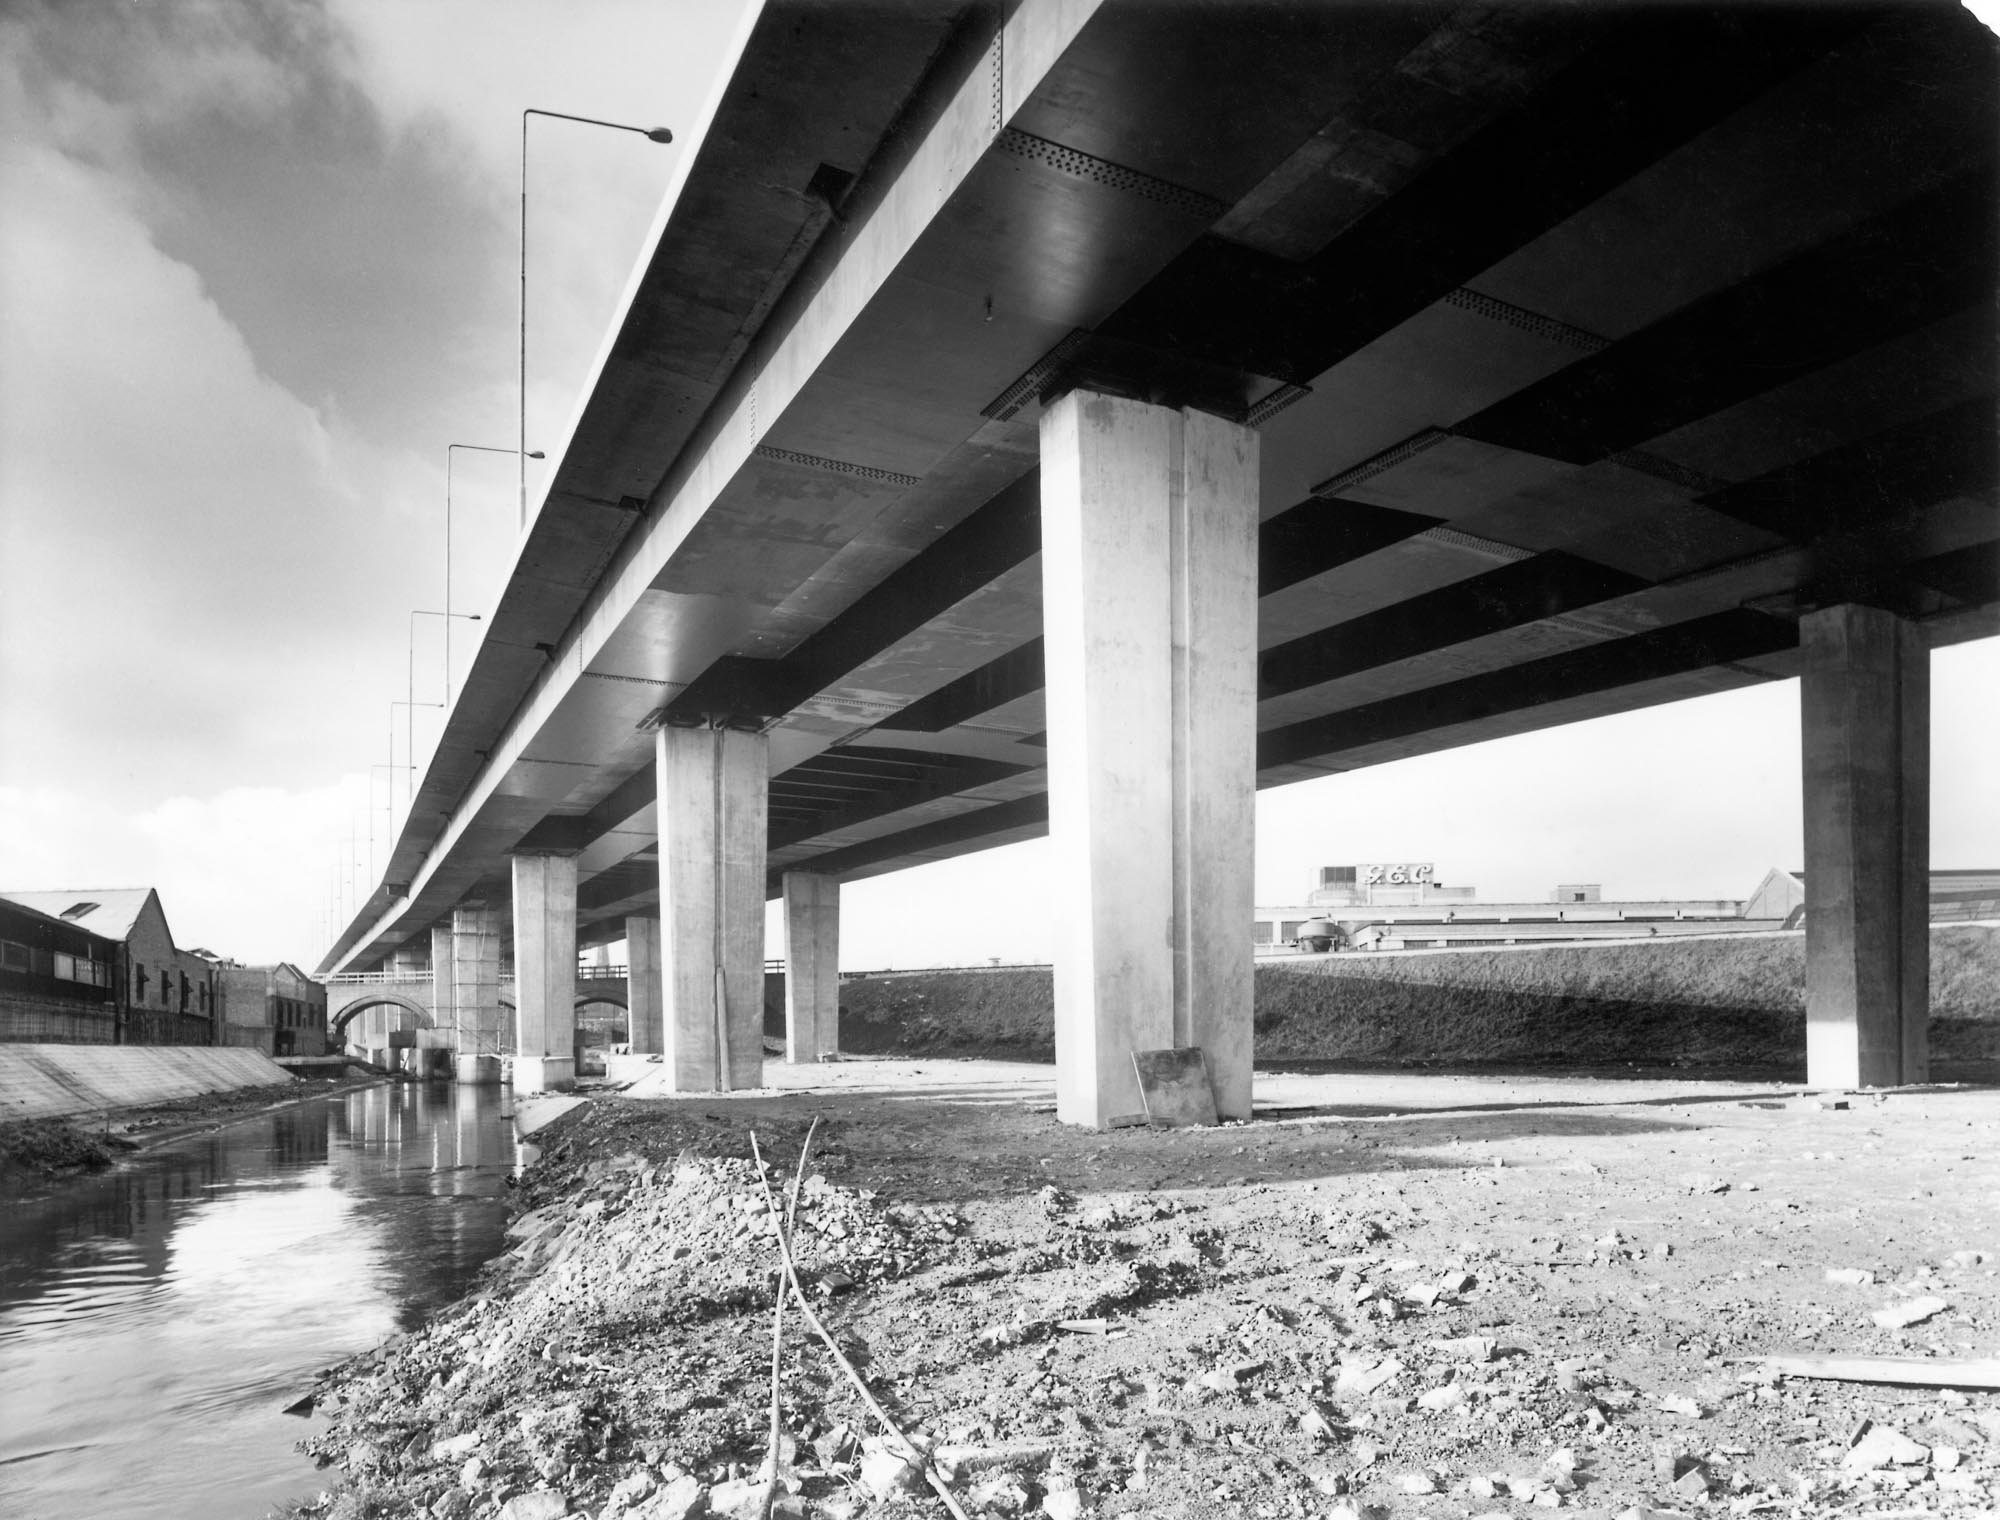 expressway underside.jpg